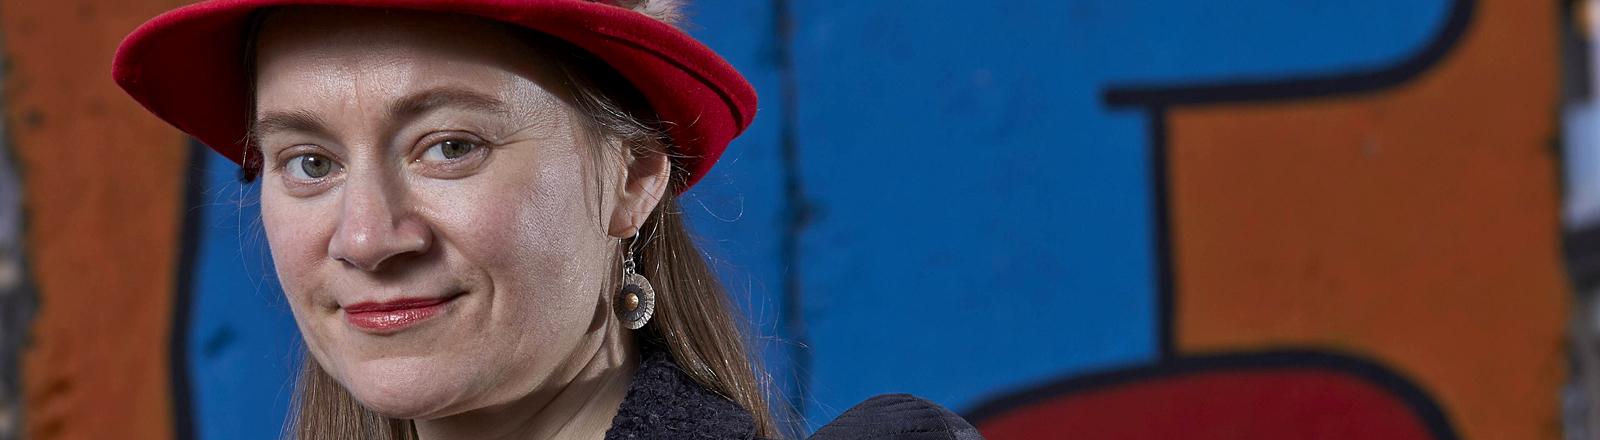 Die Linke-Politikerin Anke Domscheit-Berg